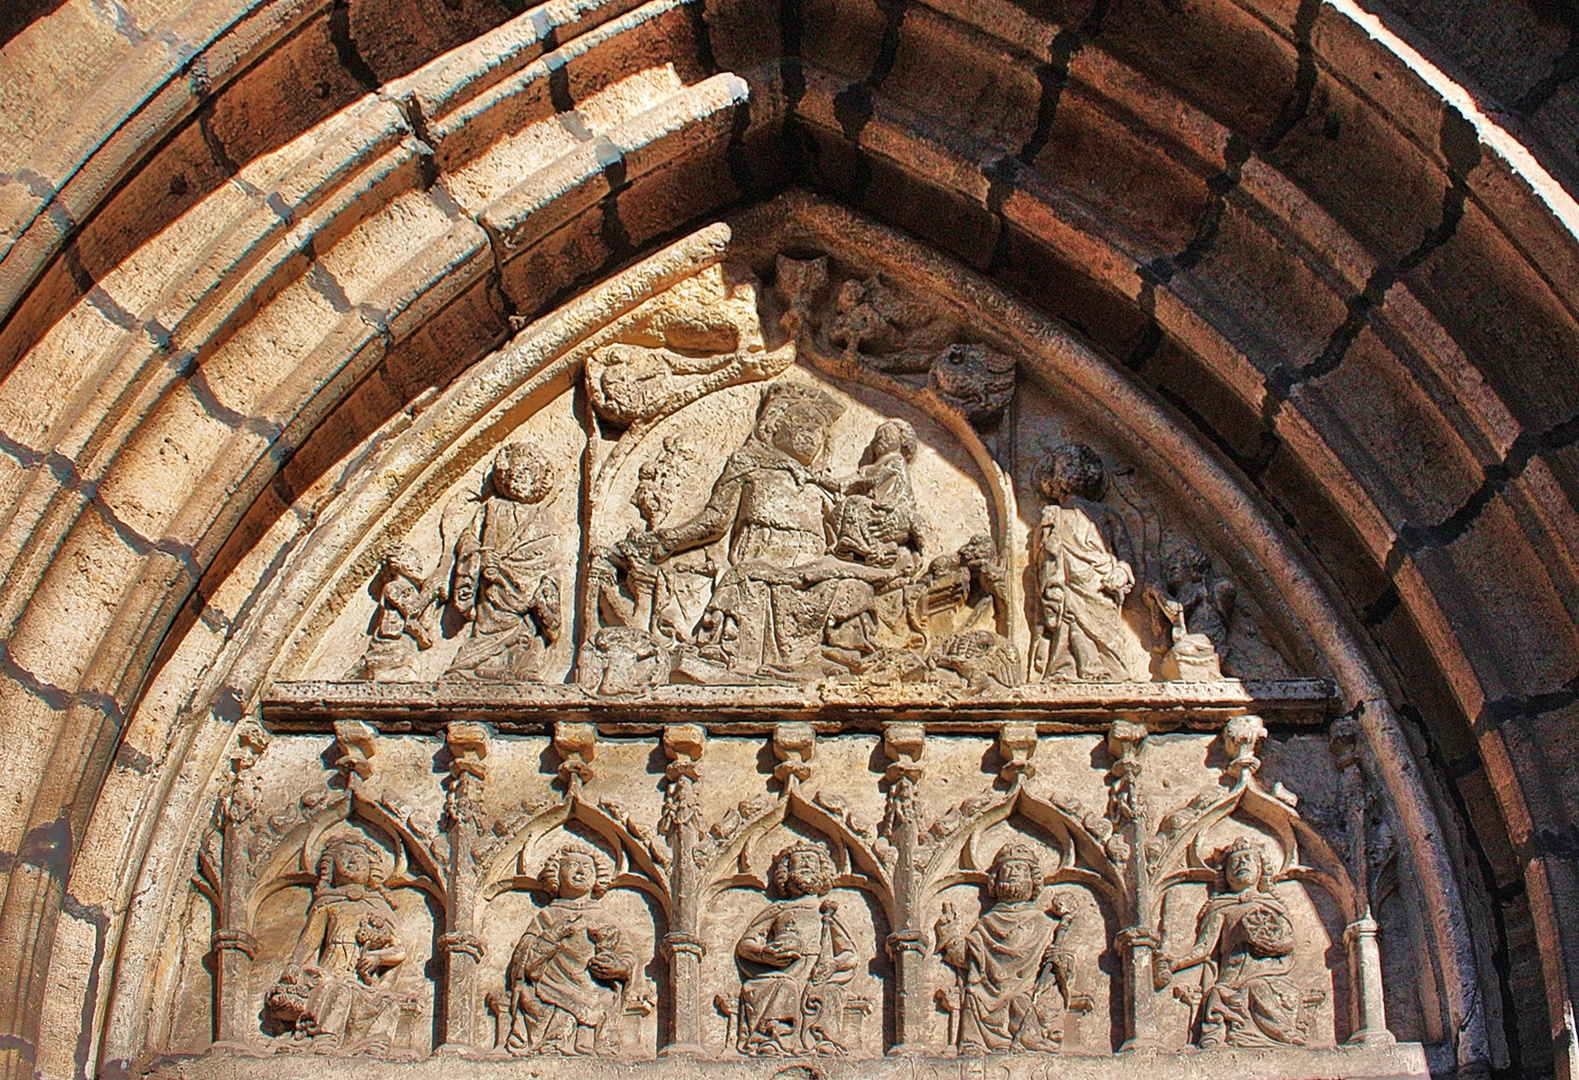 Tympanon am Marienportal der Stadtkirche Wittenberg